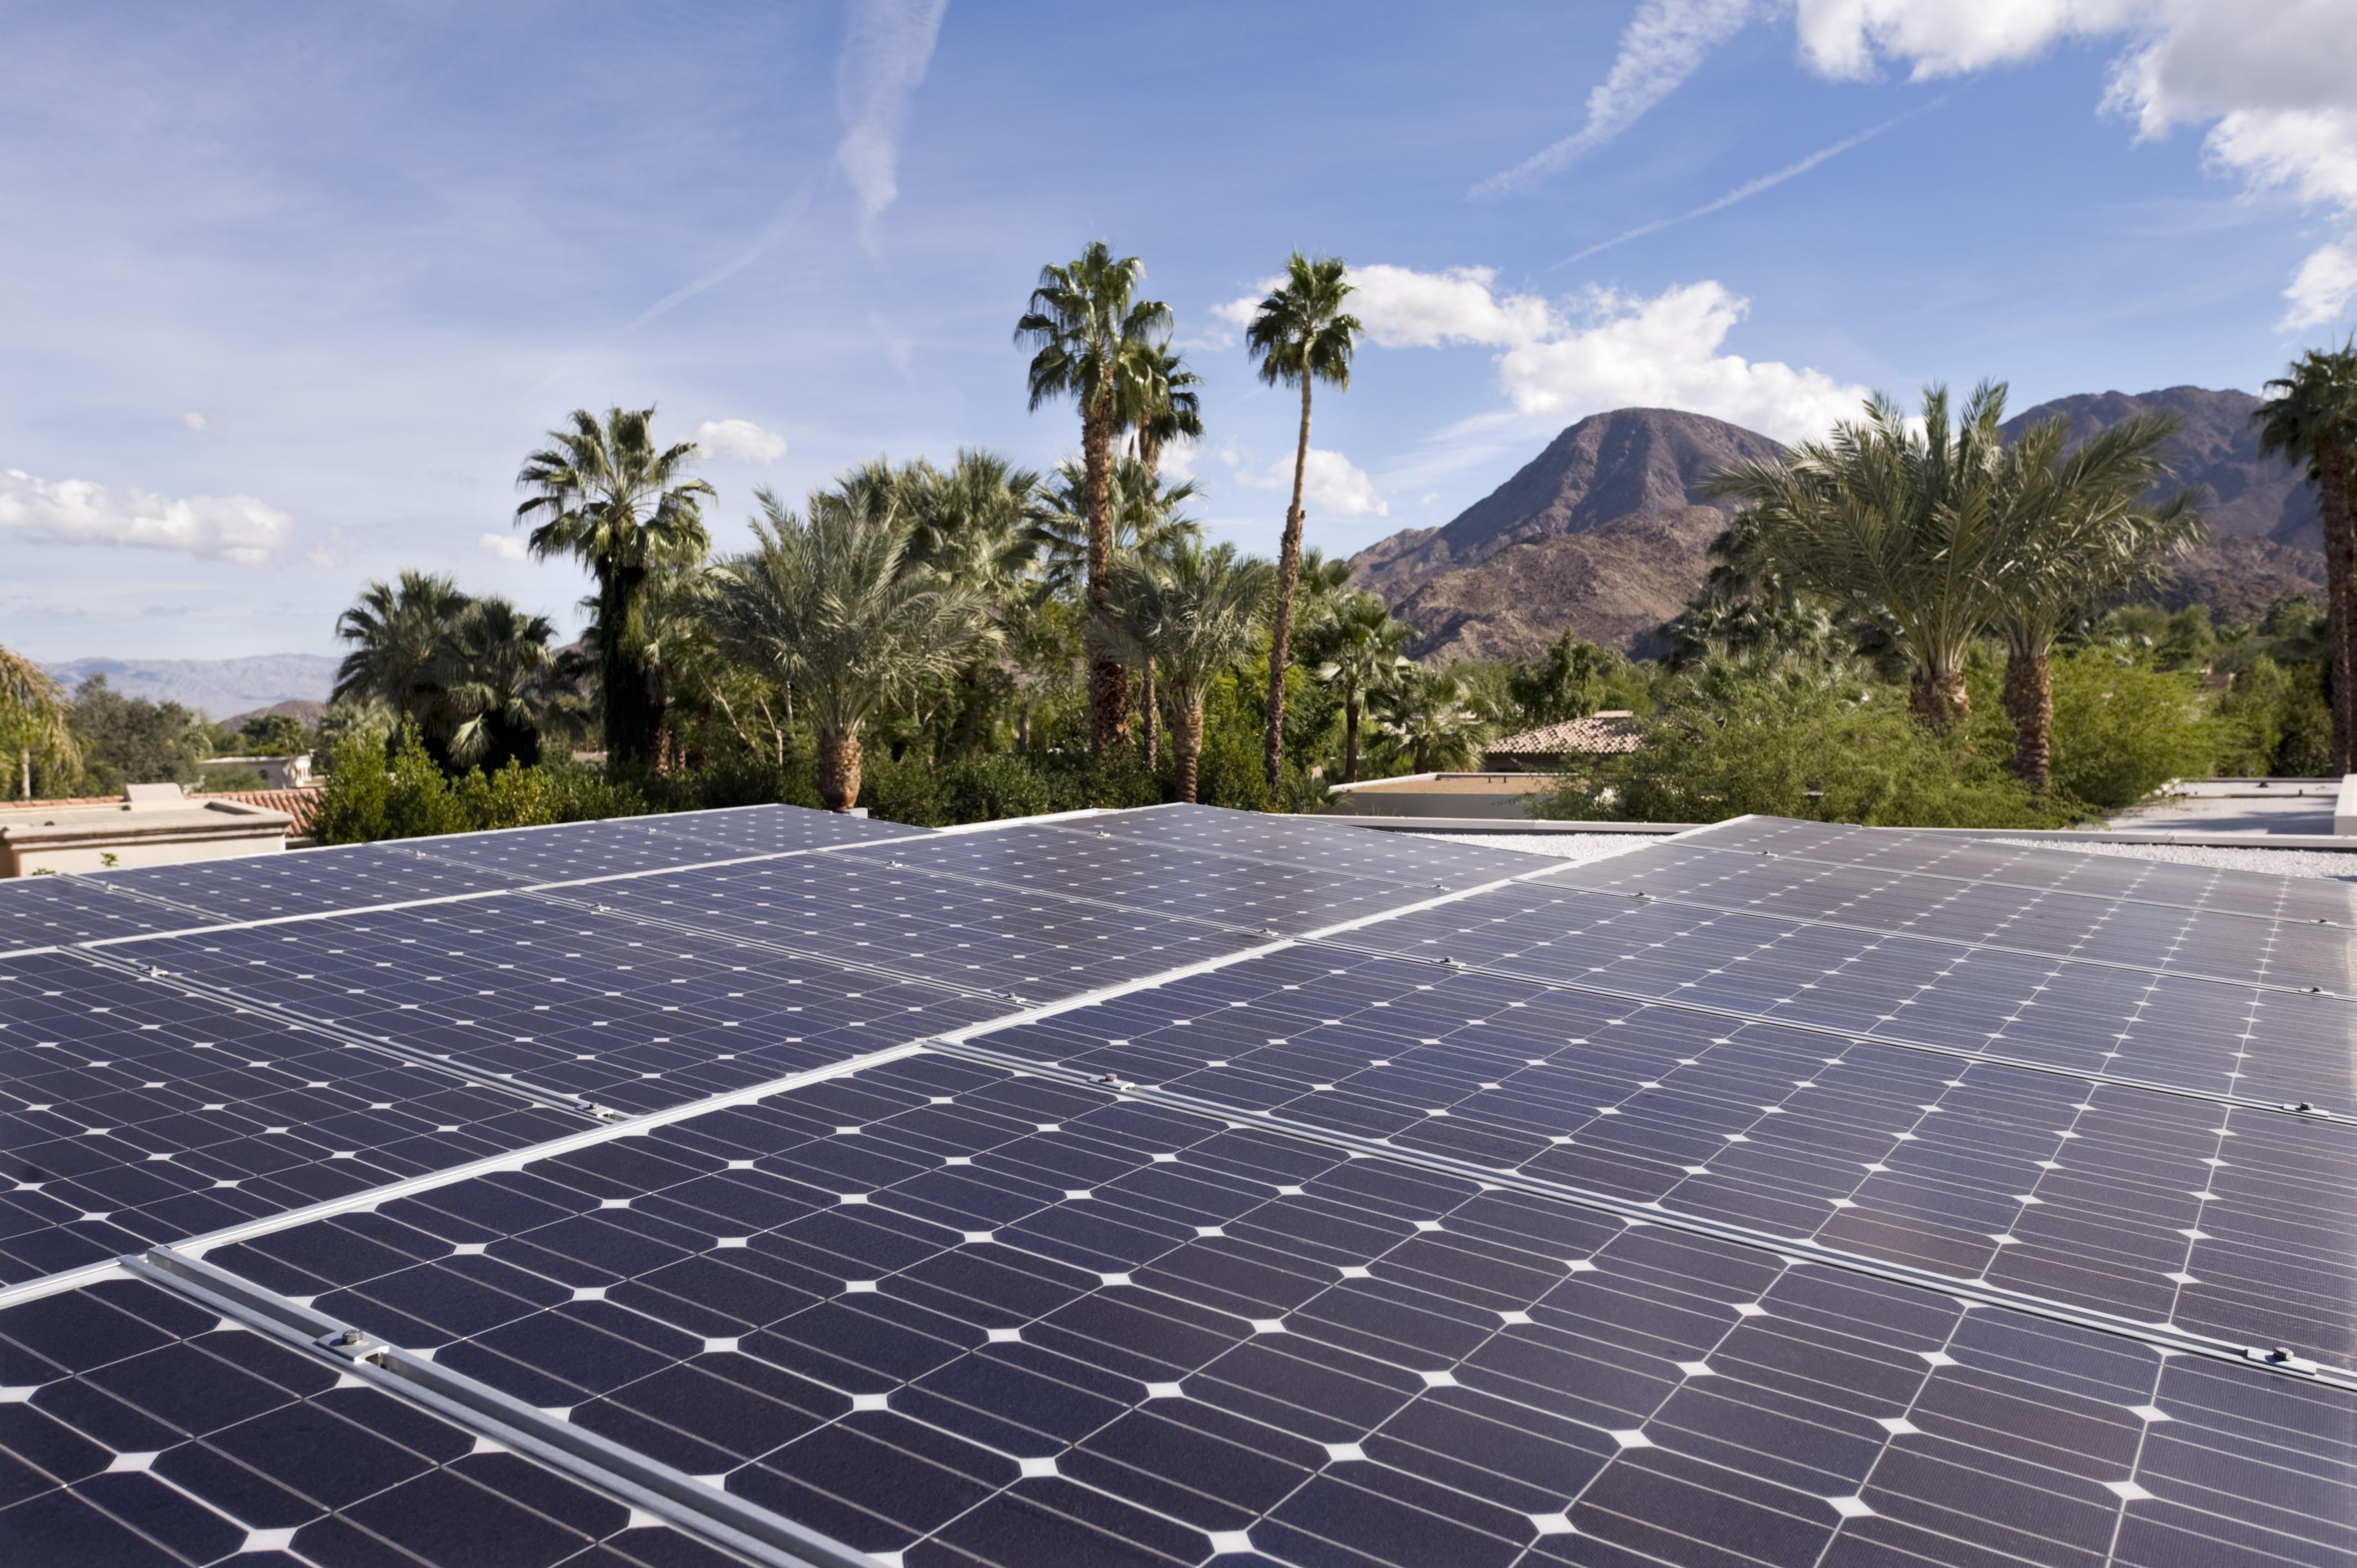 solar panels, desert home, nature